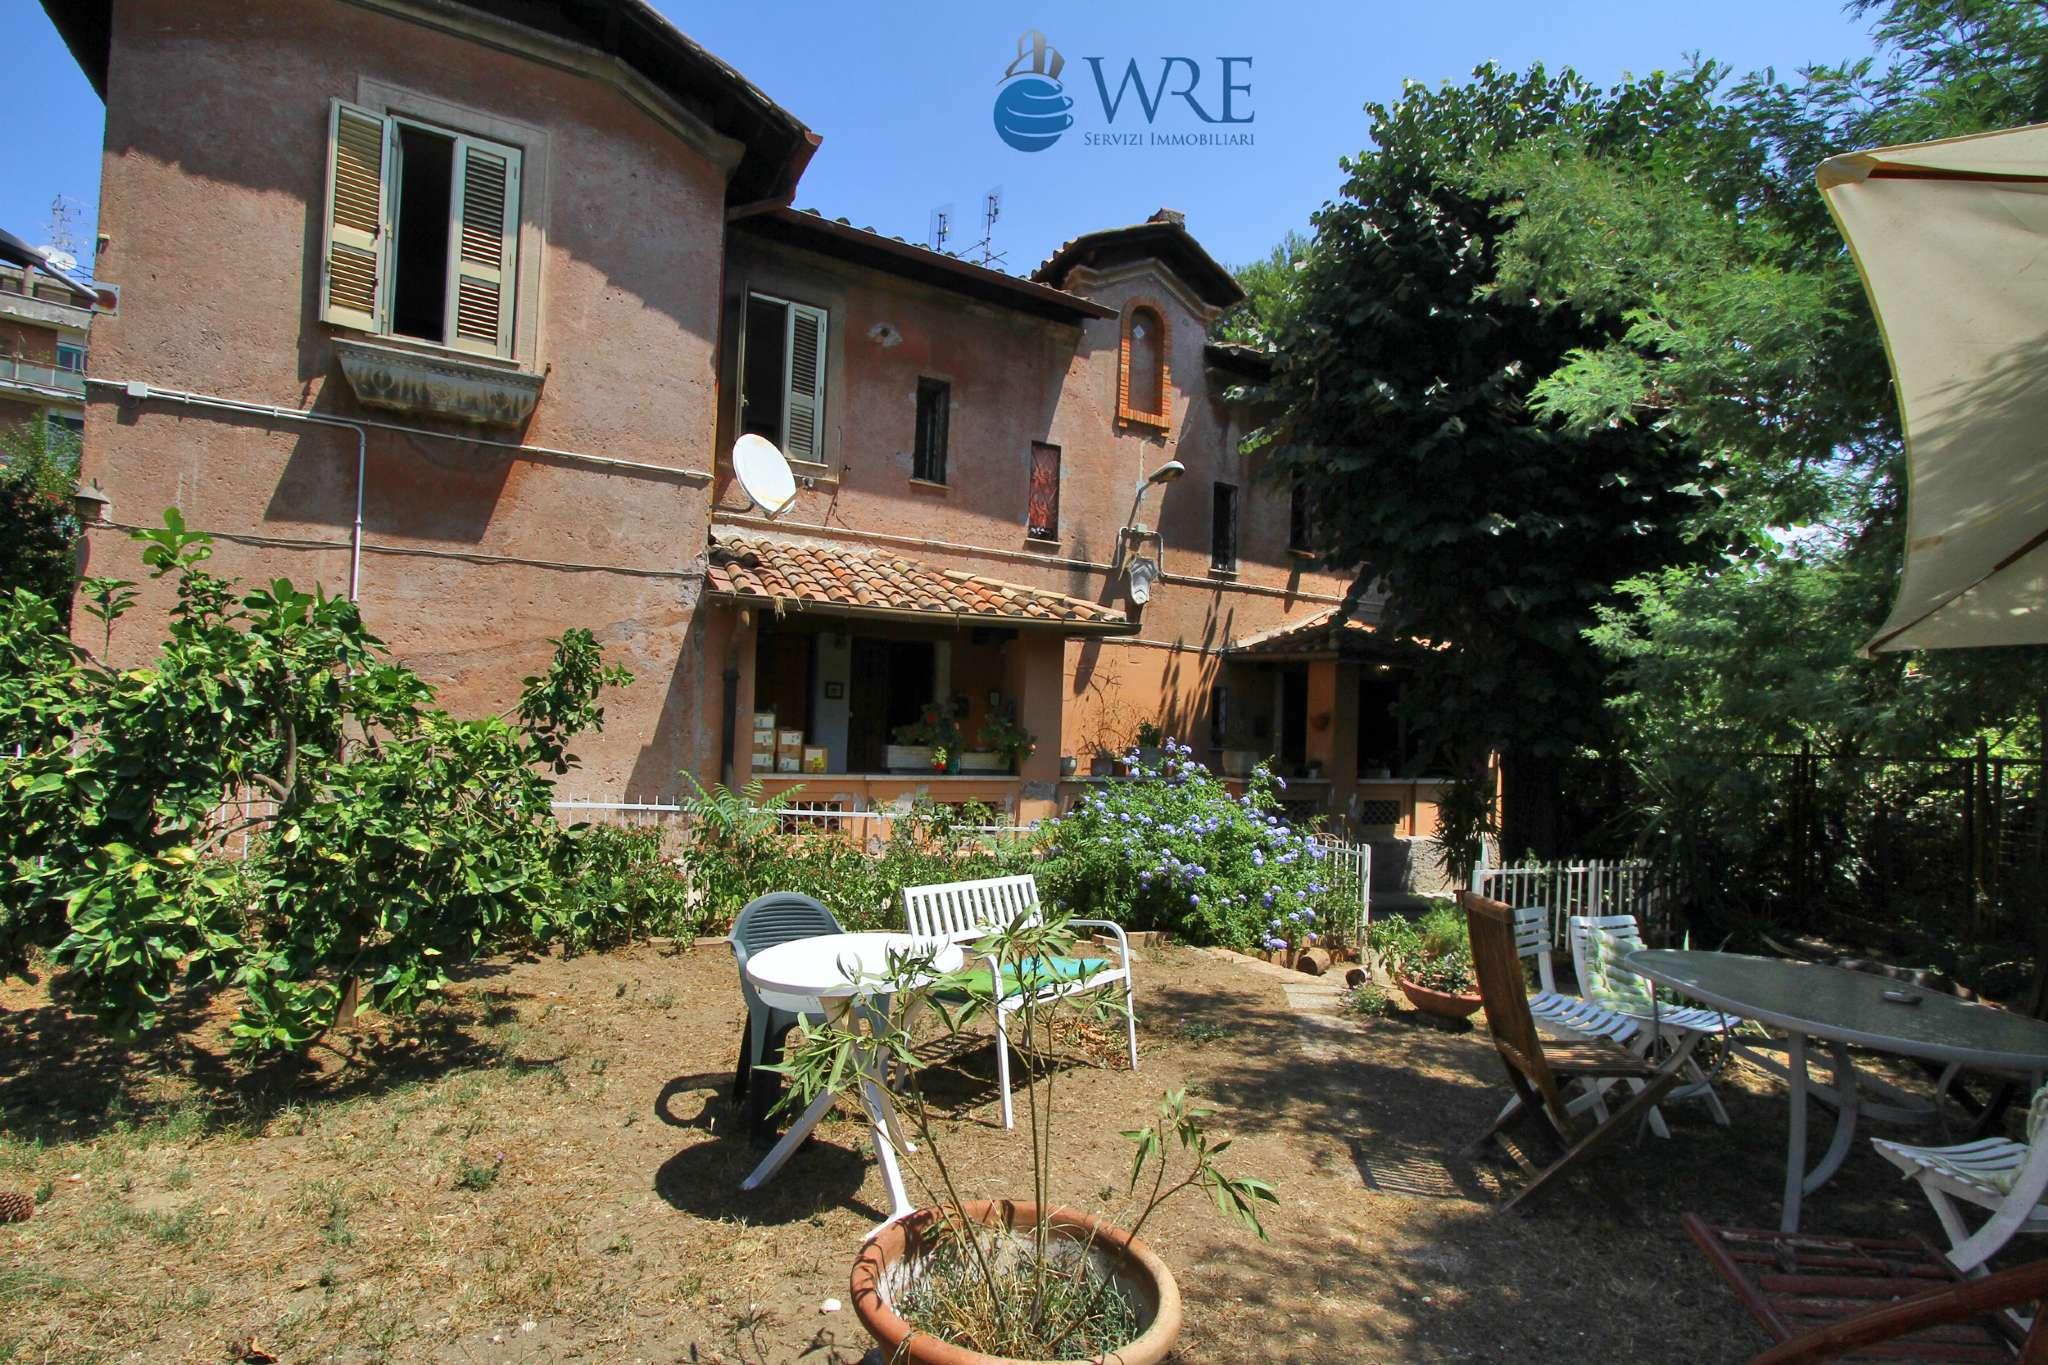 Appartamenti ingresso indipendente in affitto a roma for Appartamenti arredati in affitto roma